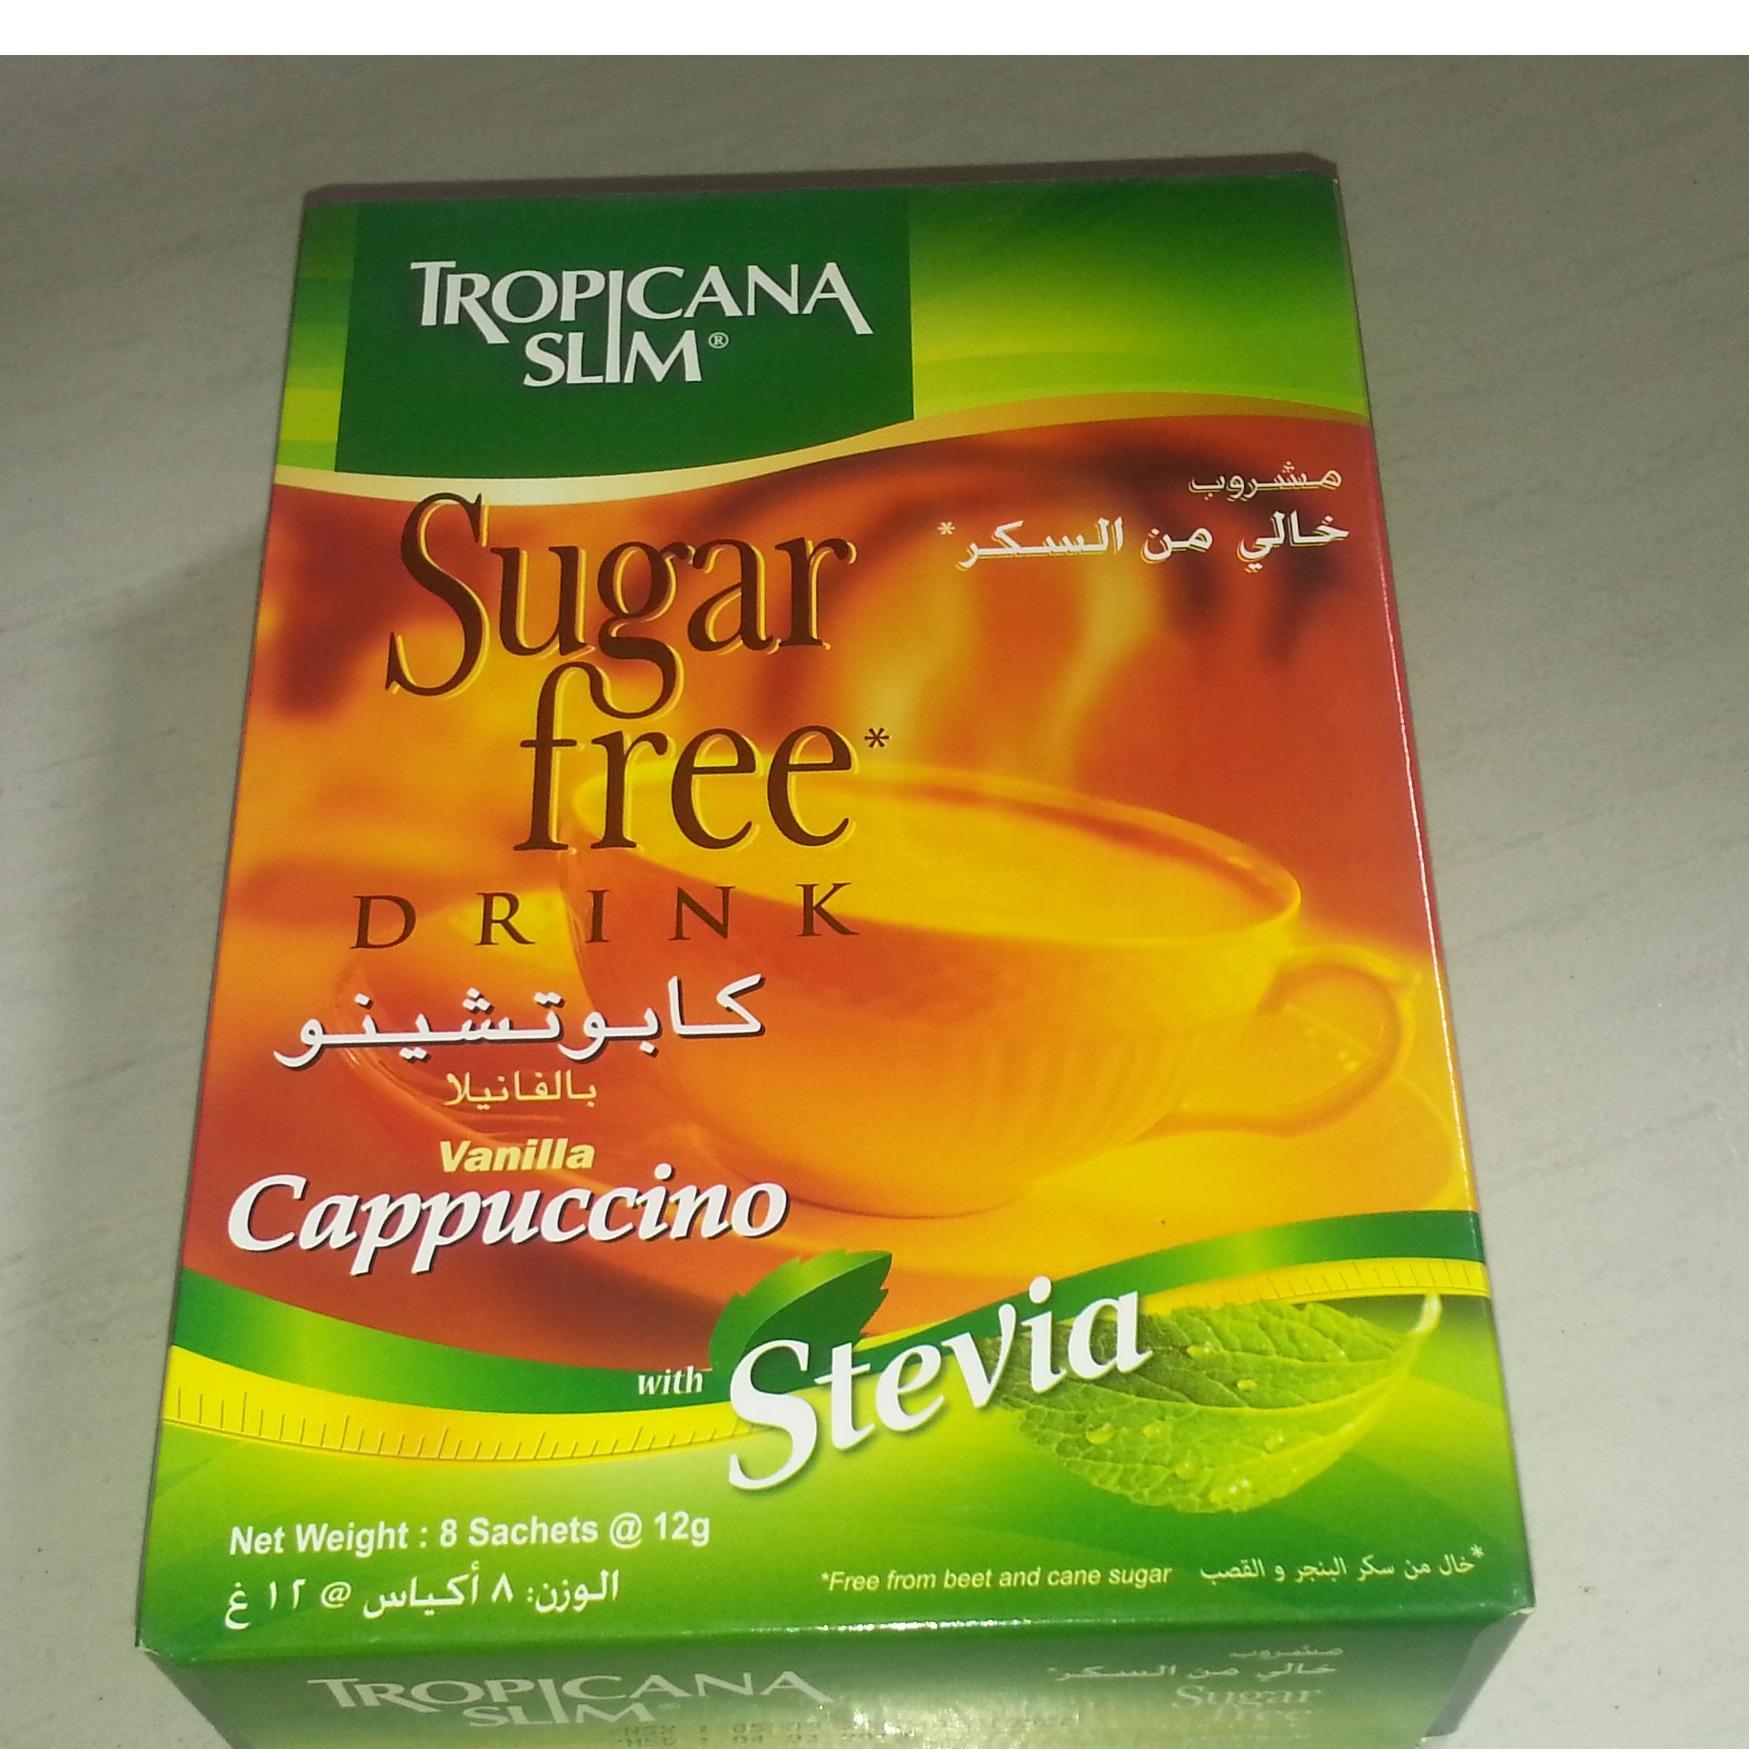 Cà phê ăn kiêng Tropicana Slim Cappuccino với chiết xuất cỏ ngọt